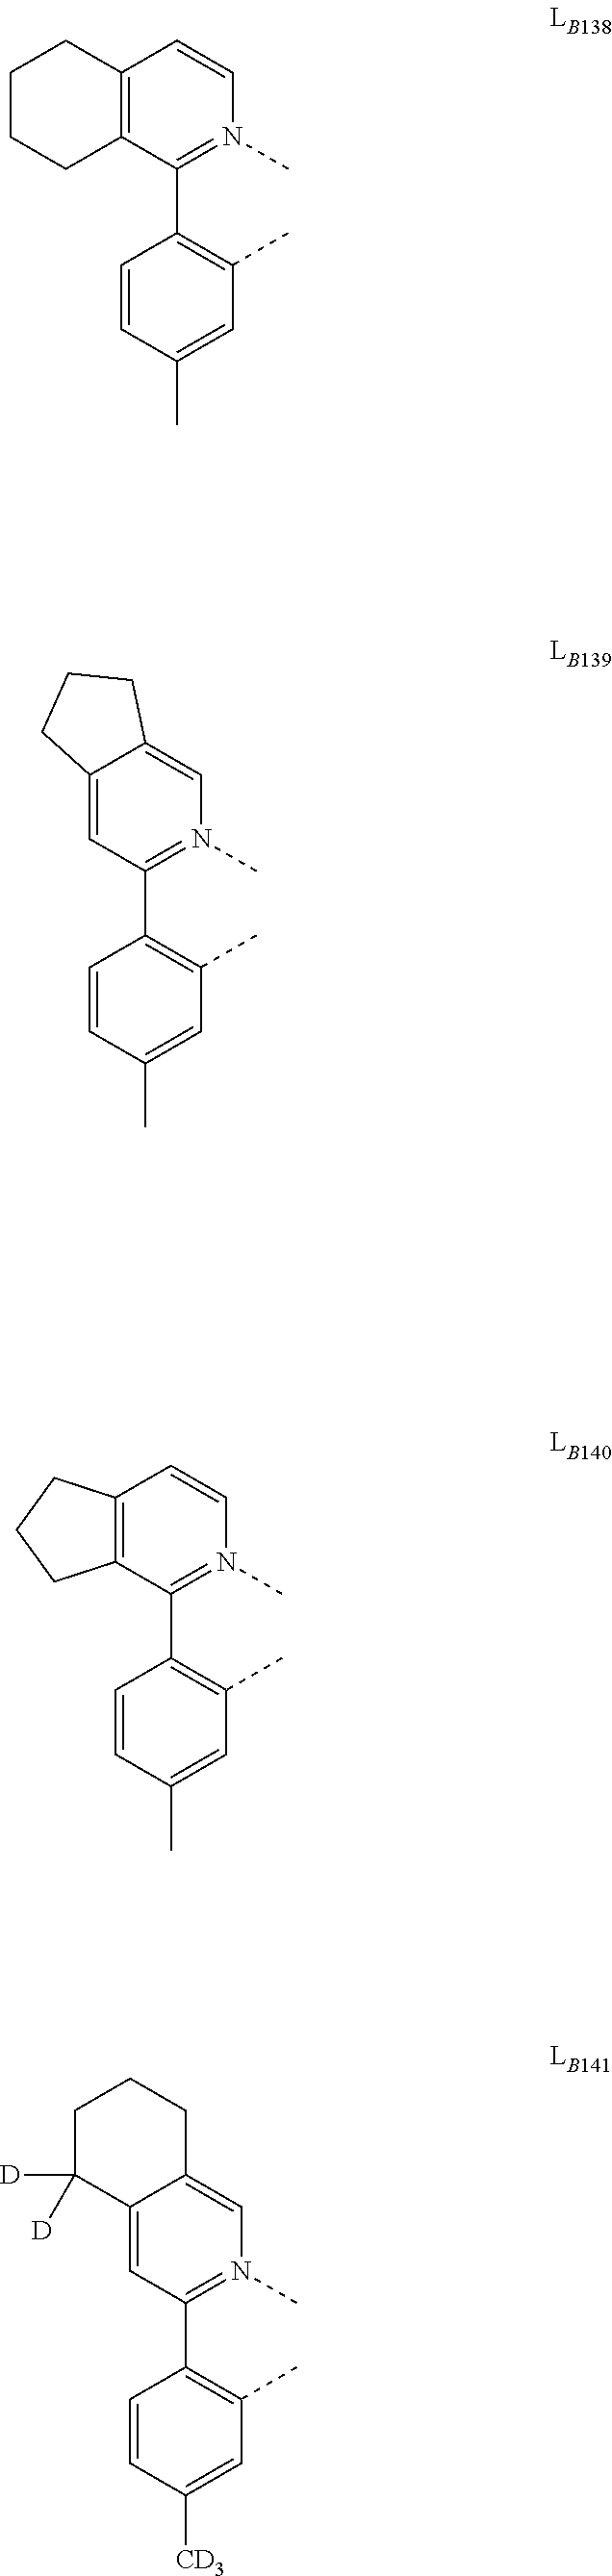 Figure US09929360-20180327-C00066